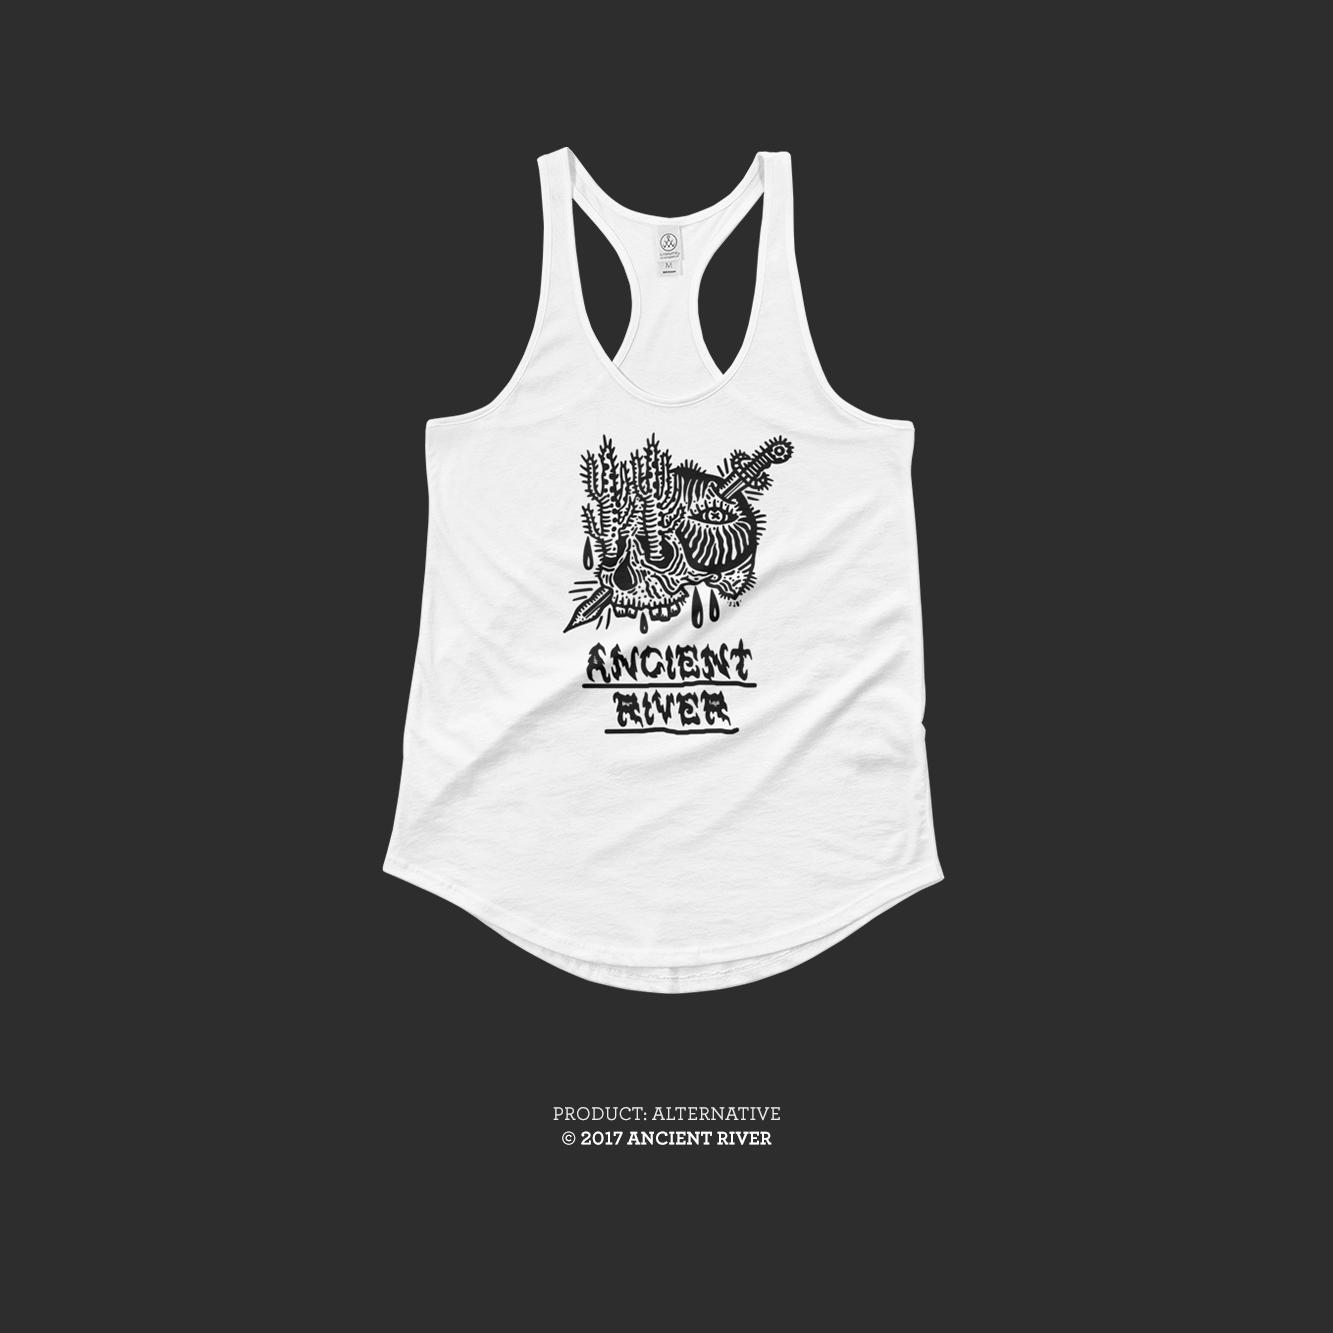 Ancient River Skull + Knife White tank tees 01.jpg